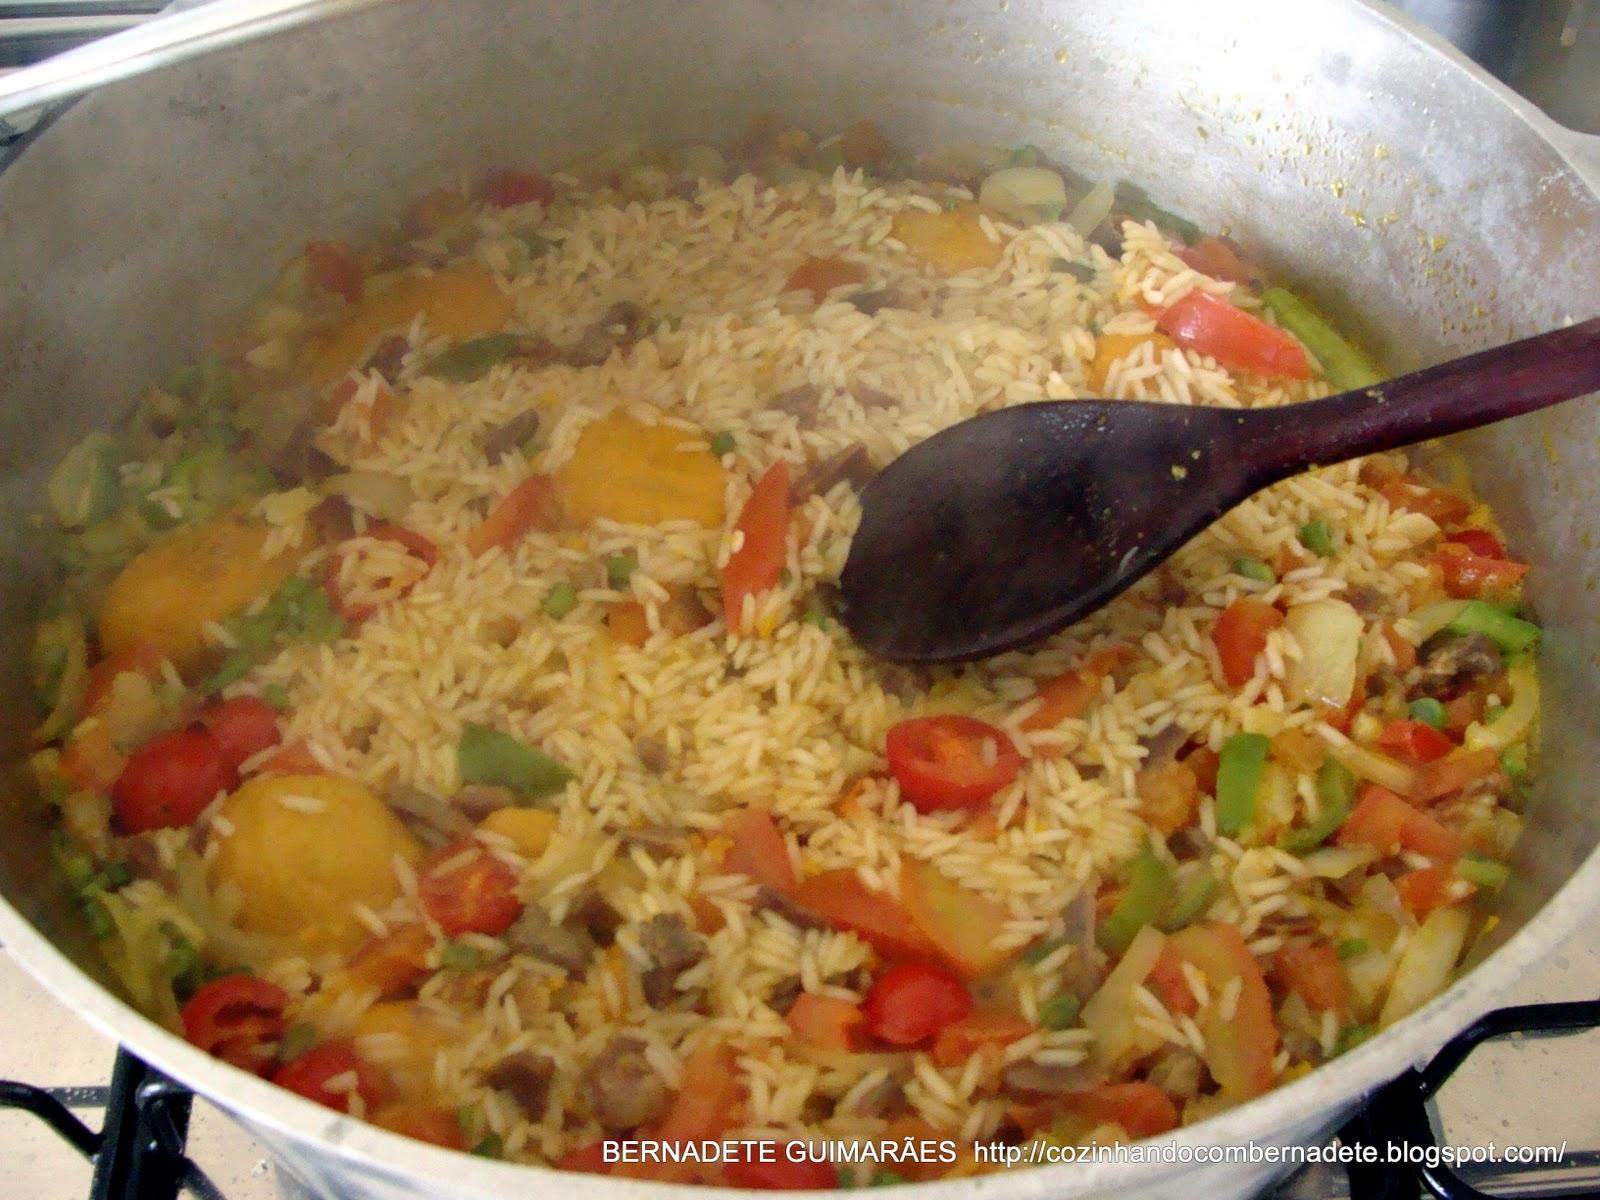 Cozinhando com Bernadete: ARROZ COM PEQUI E CARNE DE SOL #B24319 1600 1200